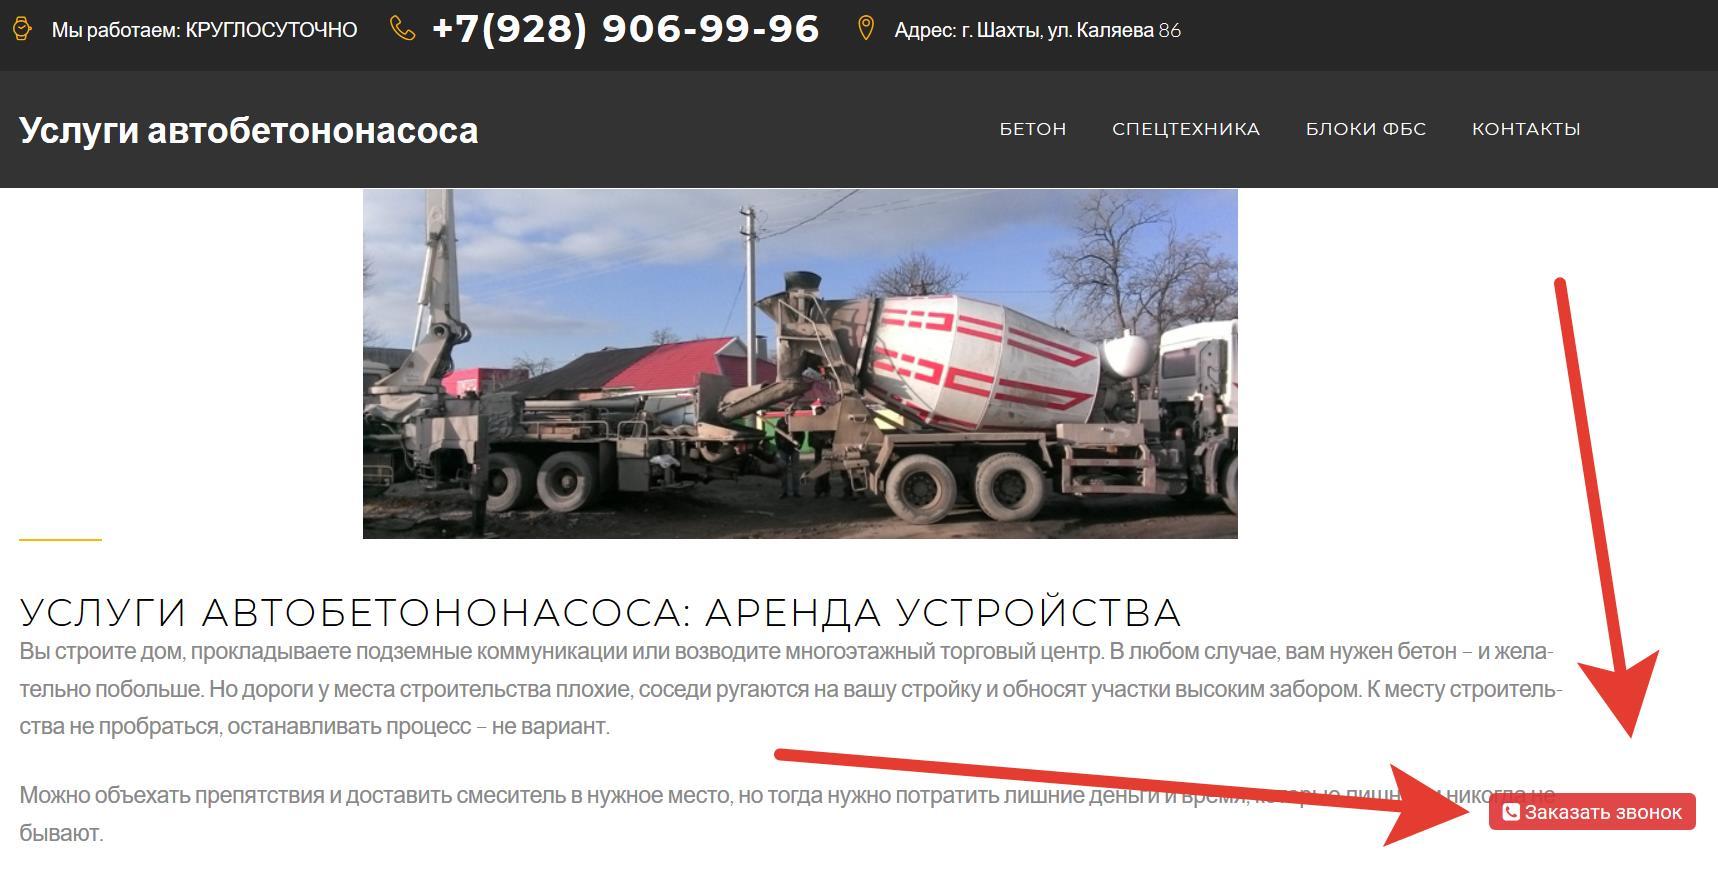 Онлайн аренда бетононасоса Шахты и Ростовская область